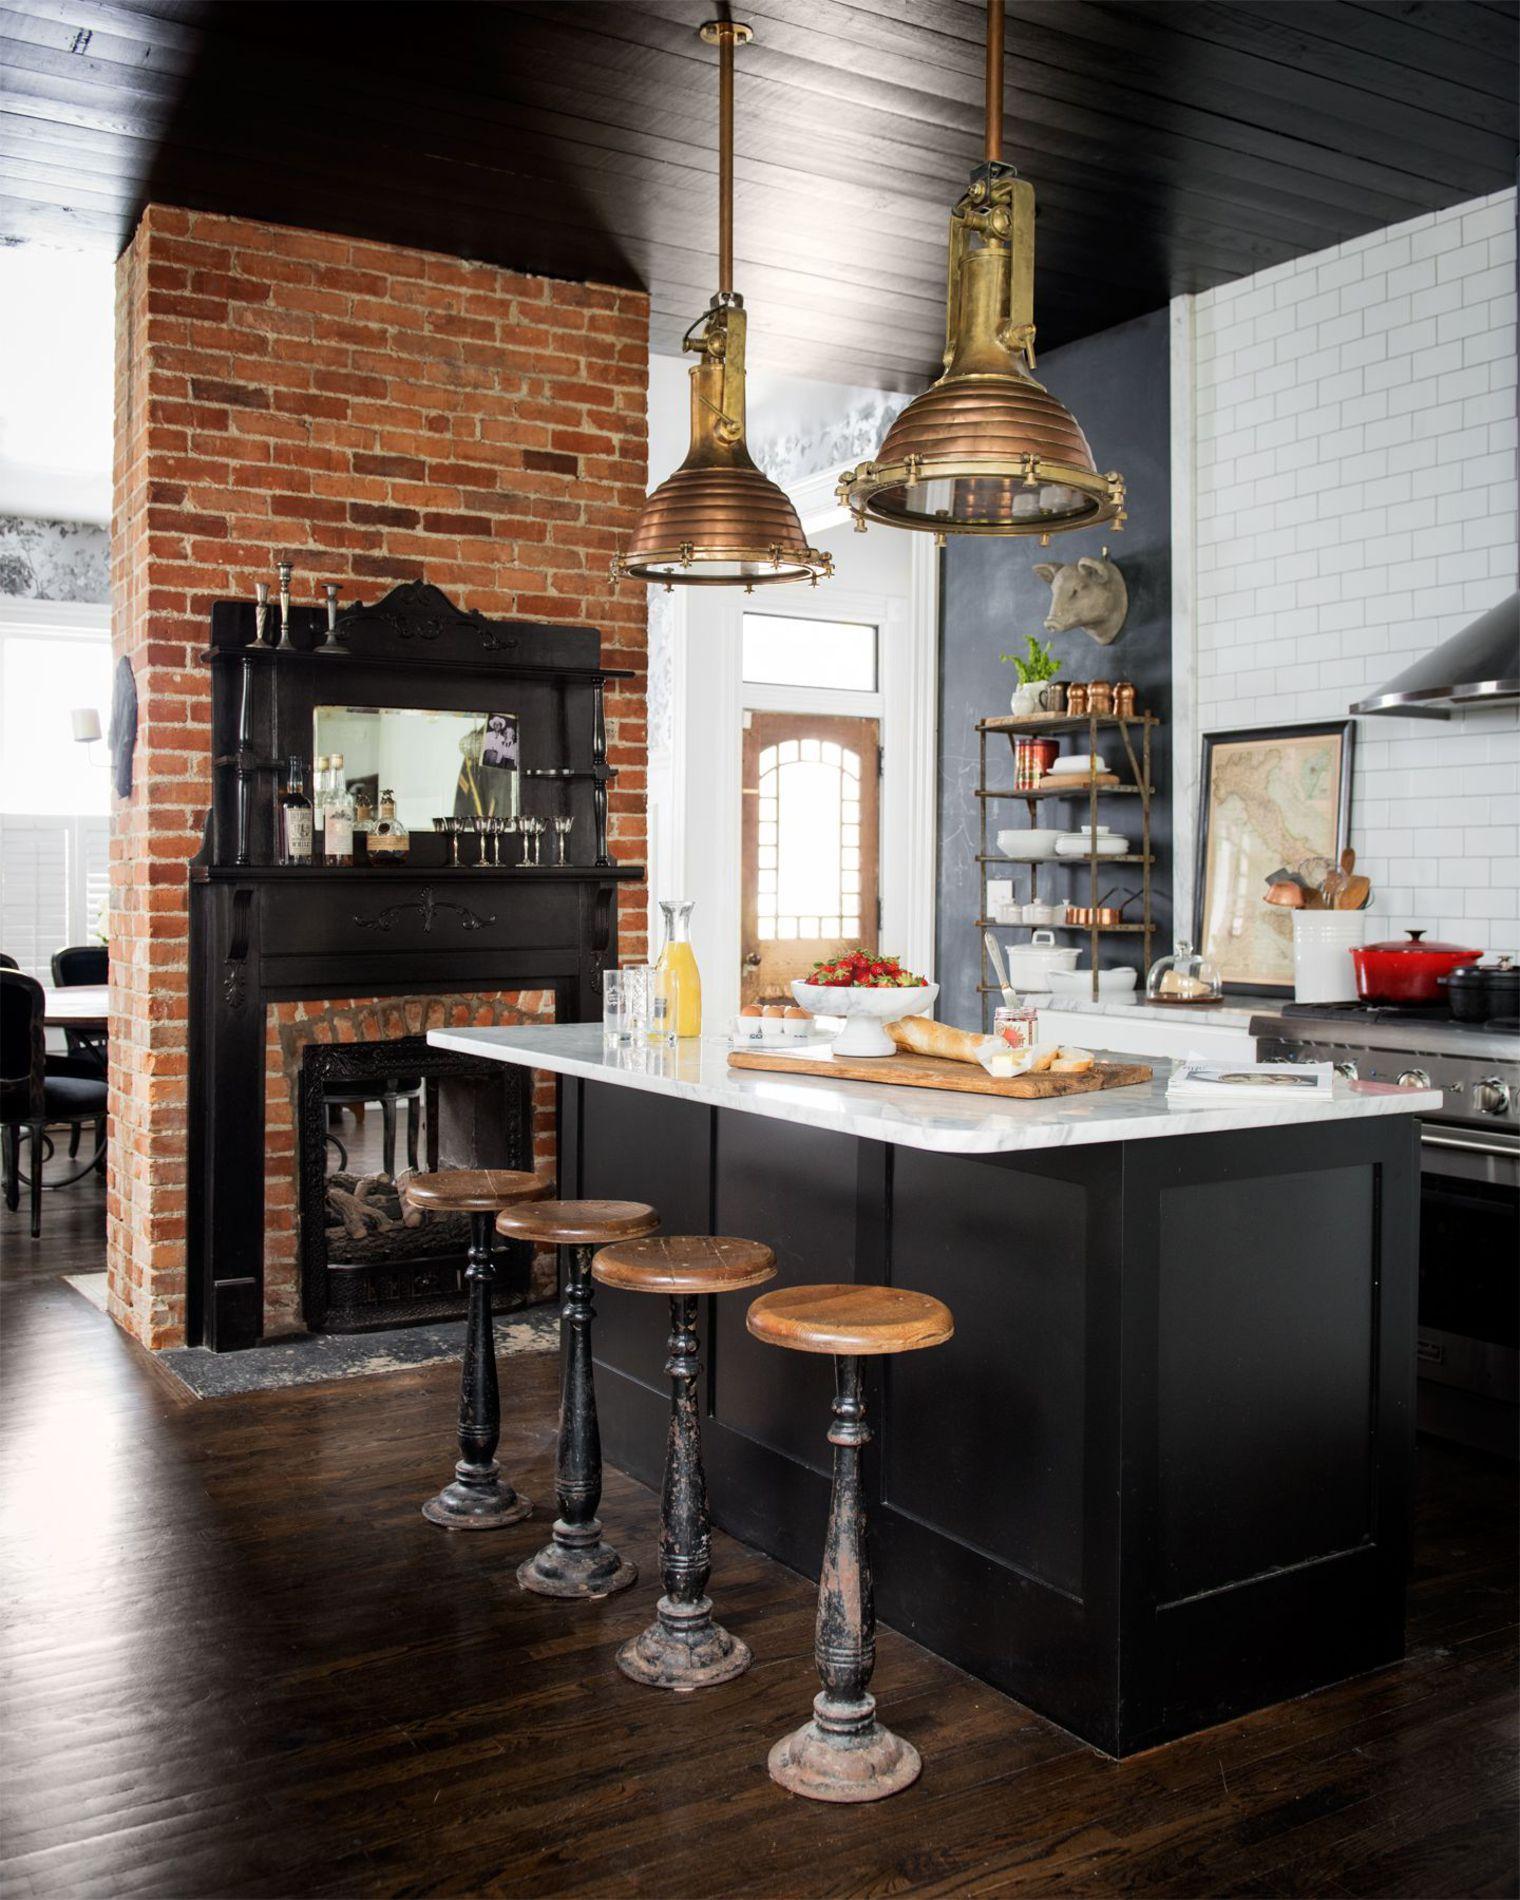 Deco cuisine bistrot : 19 idées déco  Cuisine bistrot, Cuisines